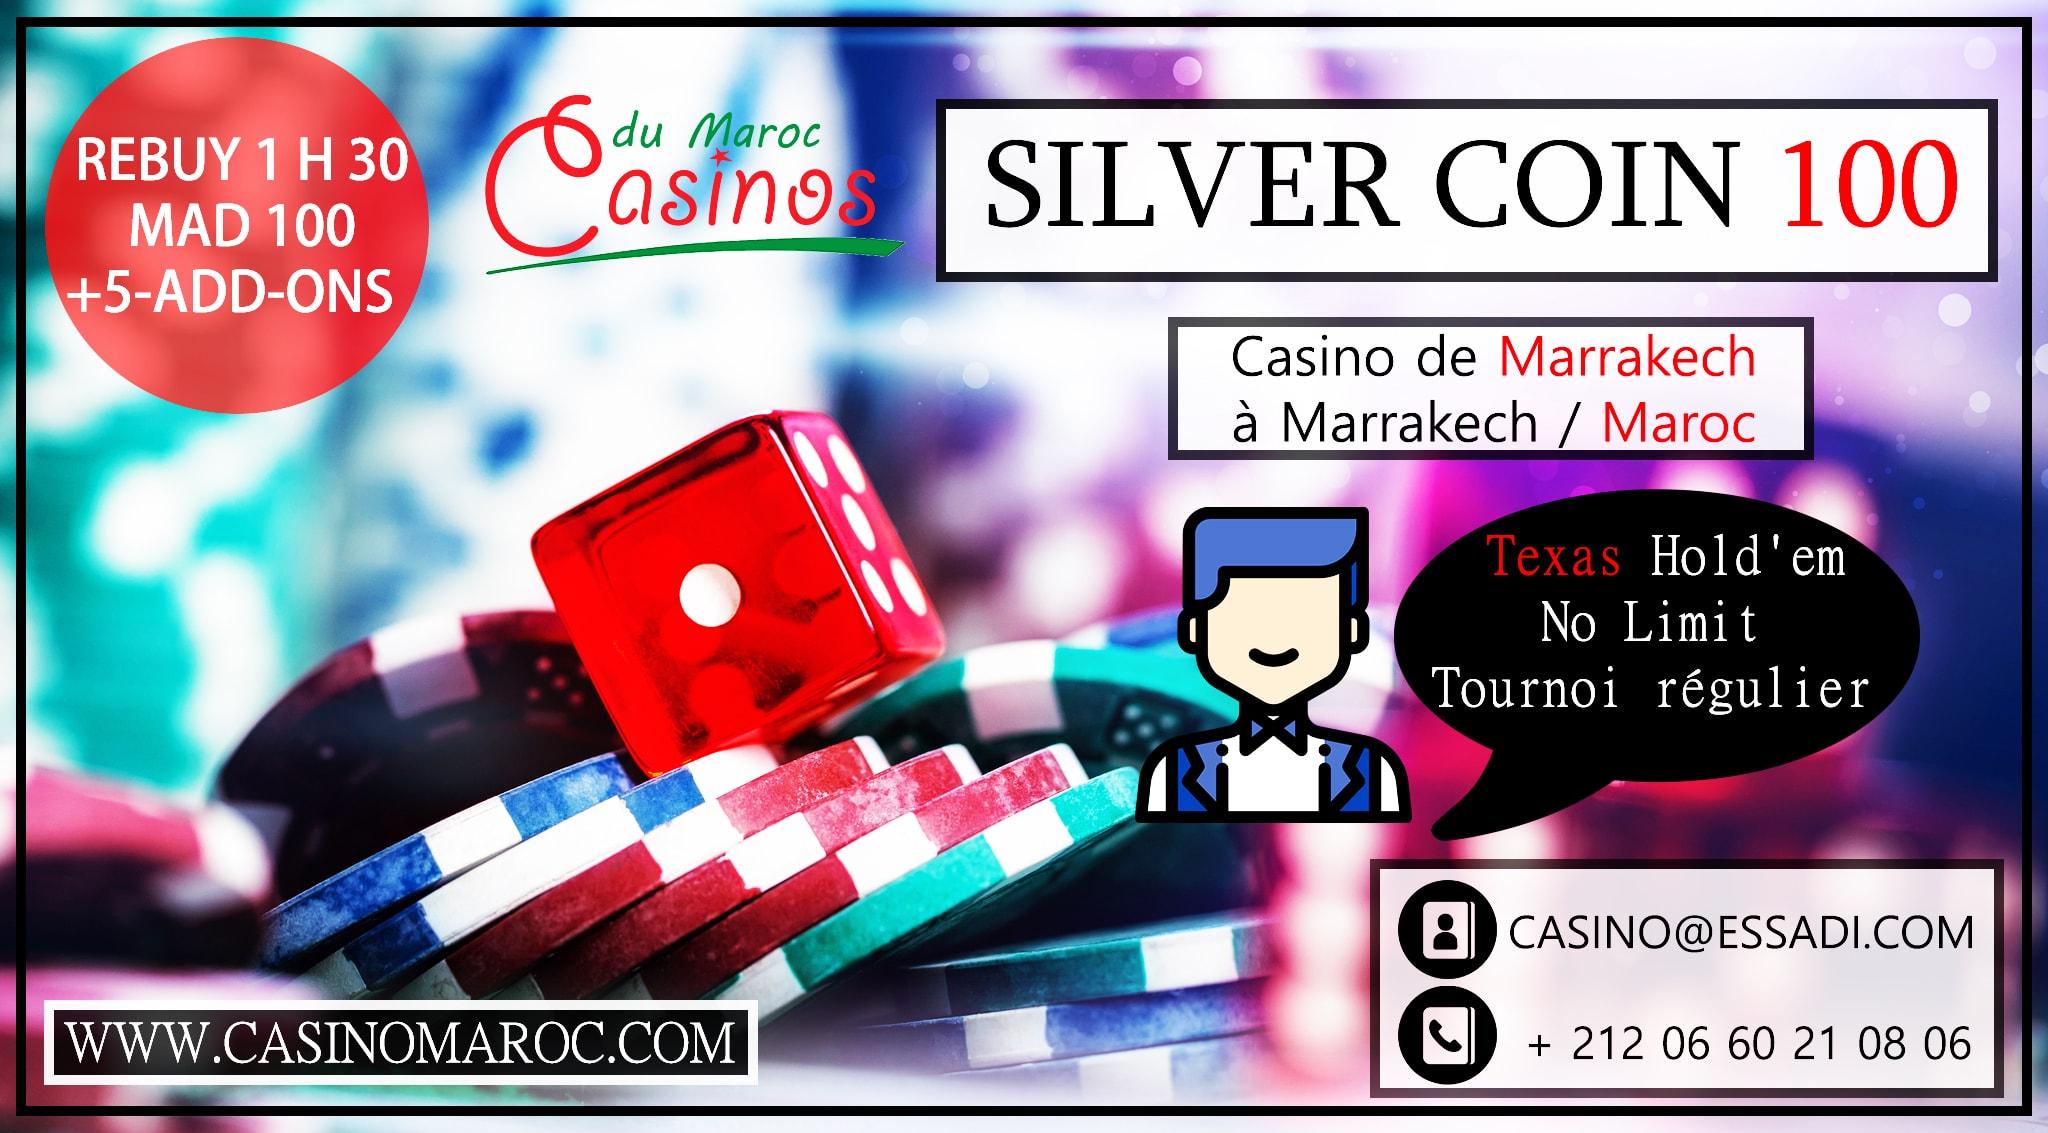 silver-coin-100-rebuy-essadi-casino-tournoi-maroc